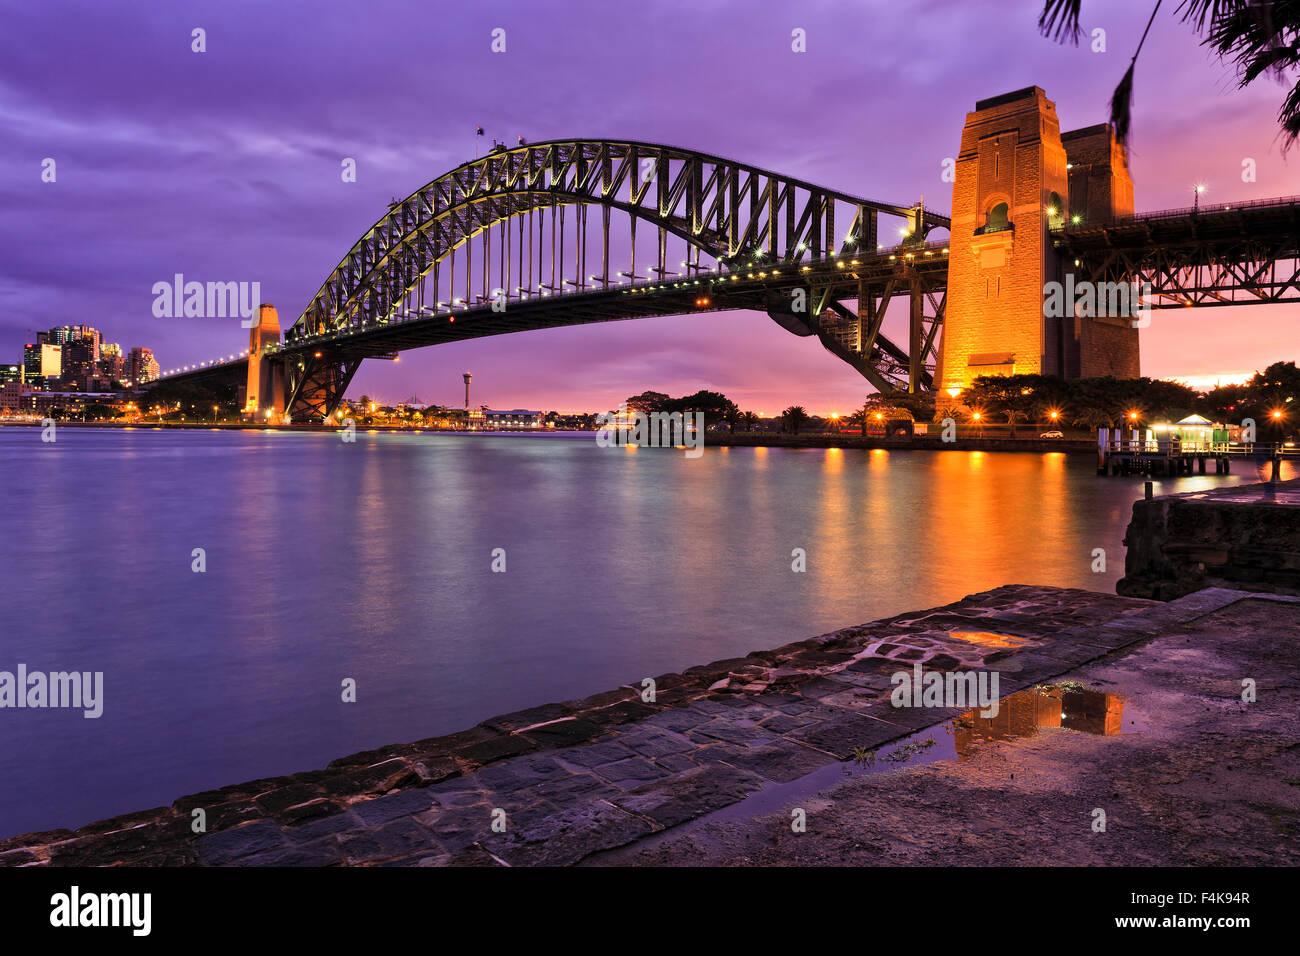 Sydney Harbour Bridge vue latérale de Milsons Point après la pluie fraîche lorsque éclairées Photo Stock